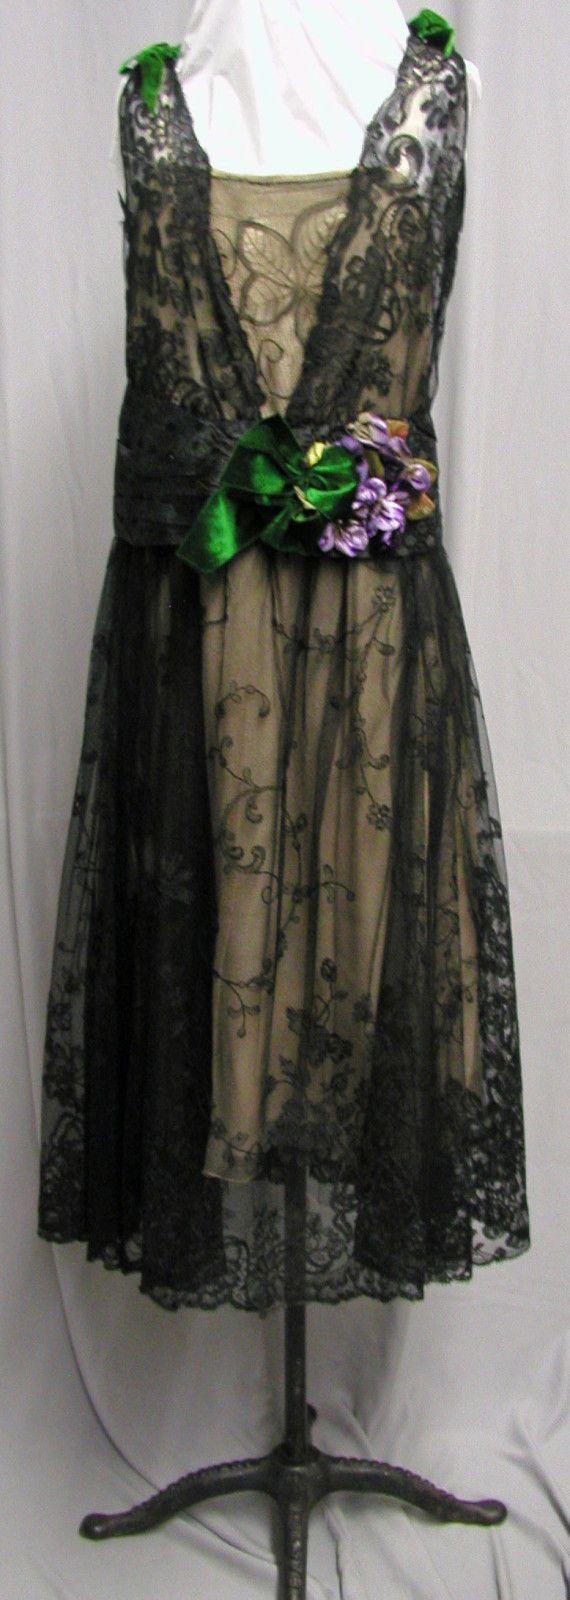 #16222, 1920's Black Lace, Ivory Silk & Velvet Dinner Gown | eBay https://bellanblue.com